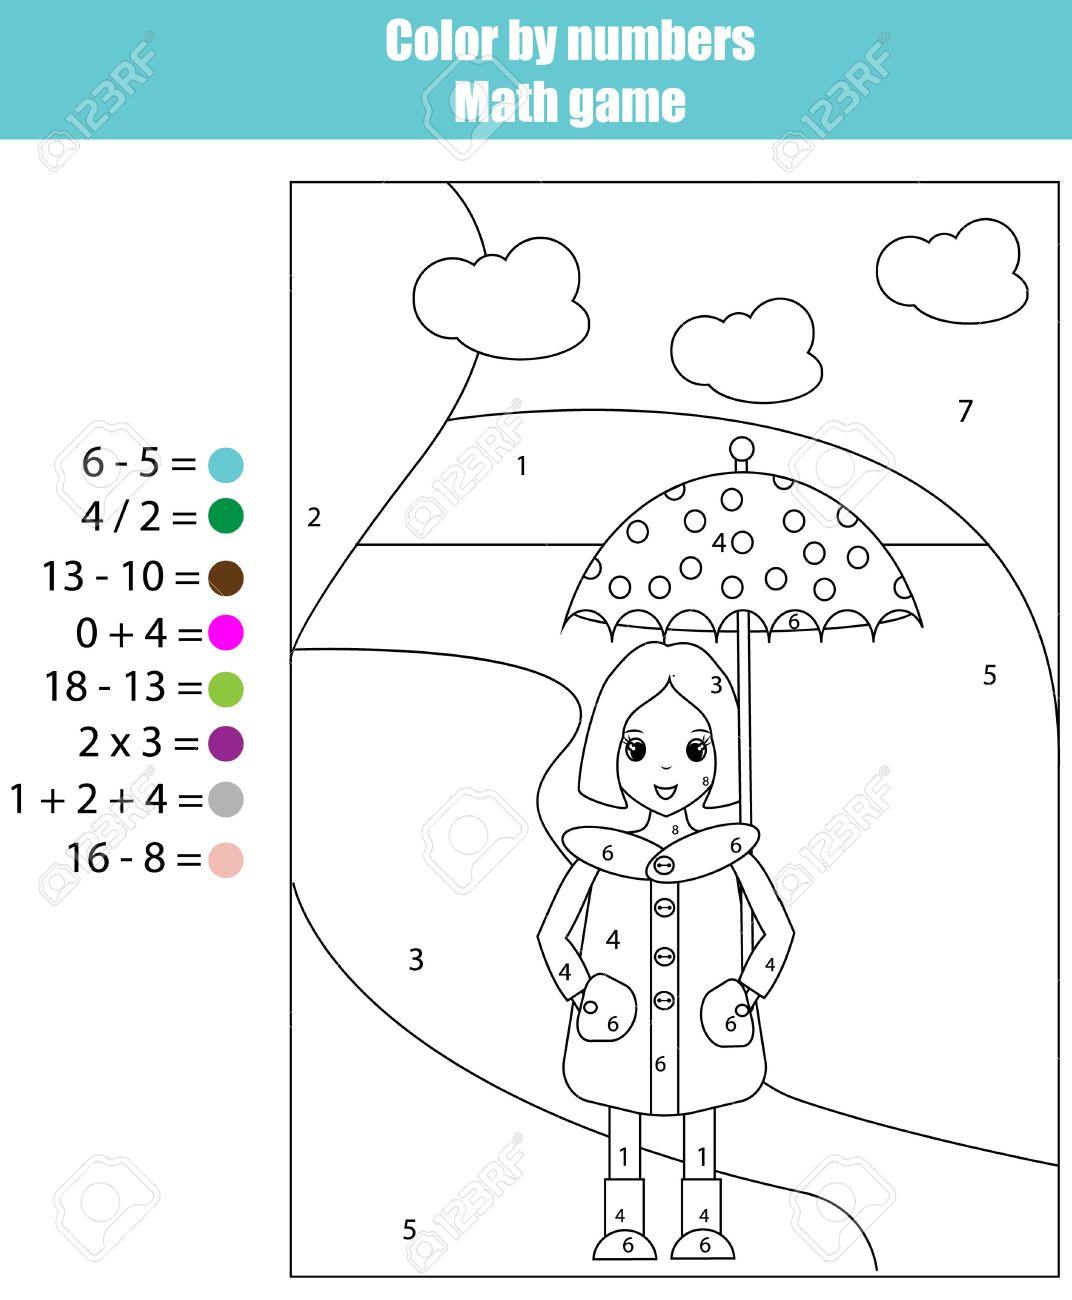 Dibujo Para Colorear Con La Chica. El Color De Los Niños Matemáticas ...